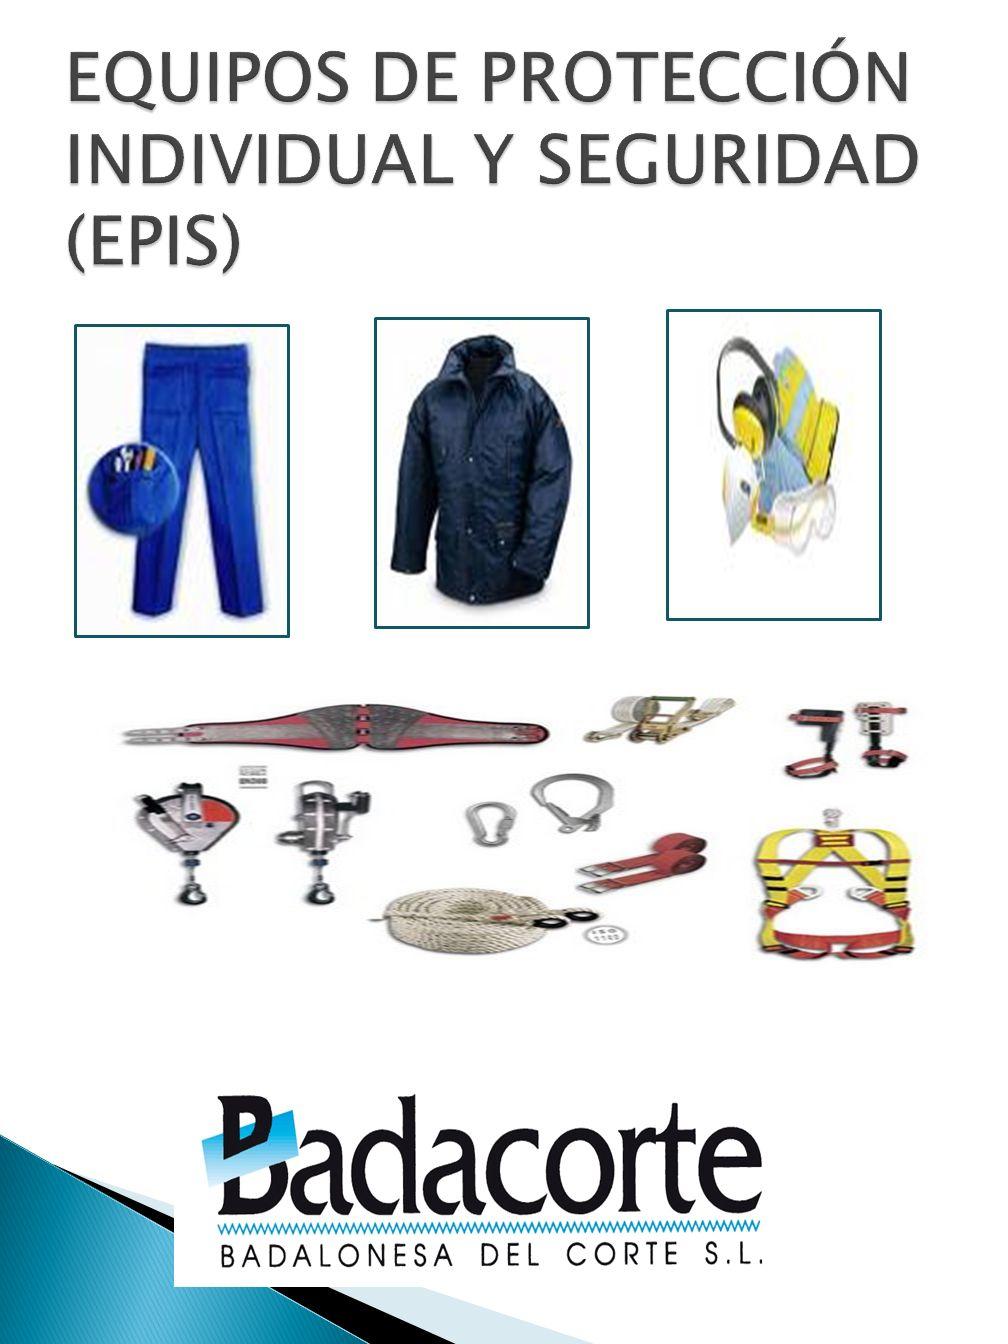 EQUIPOS DE PROTECCIÓN INDIVIDUAL Y SEGURIDAD (EPIS)